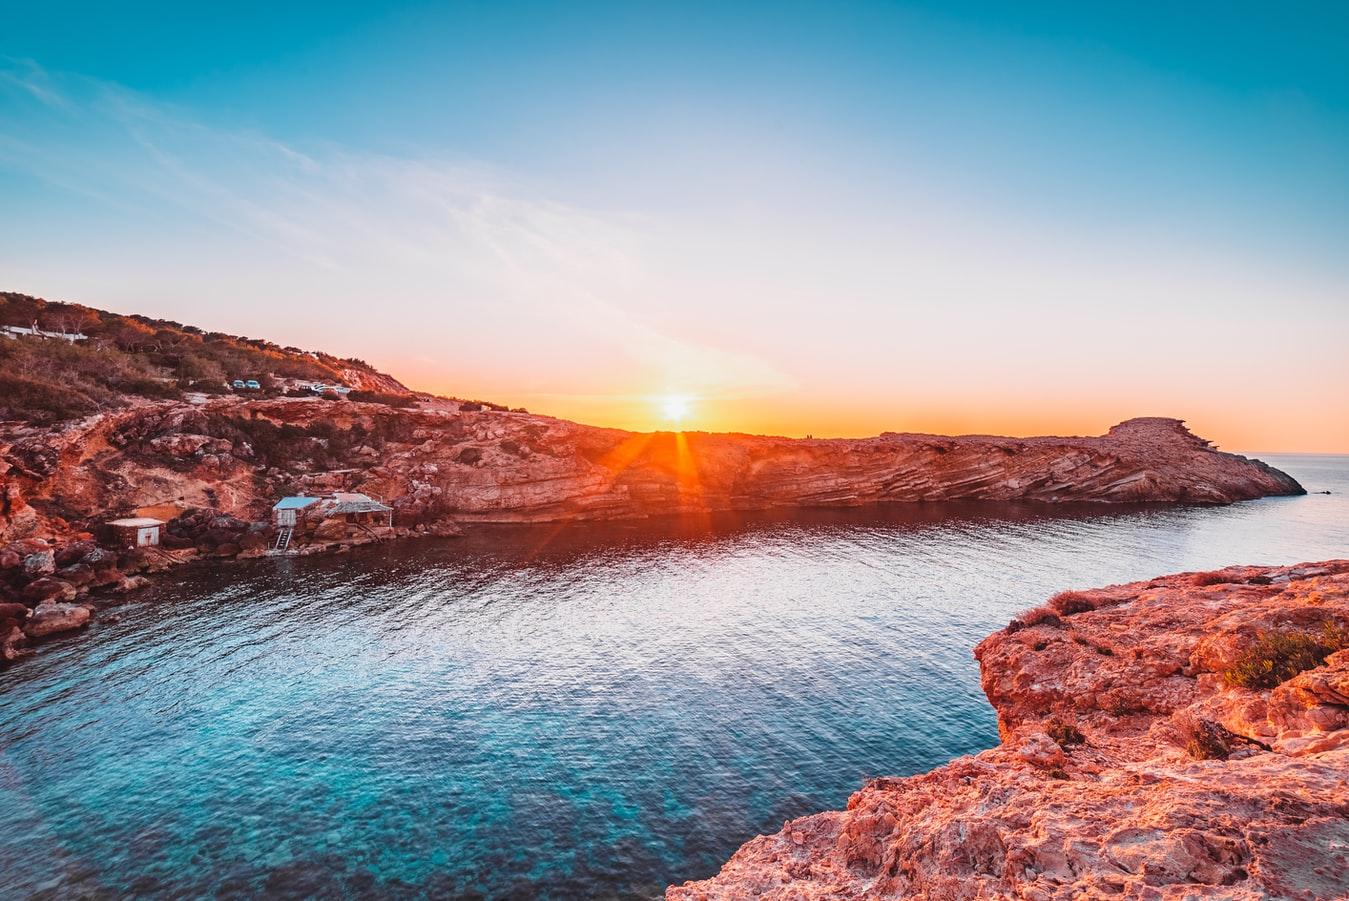 Huur een vakantiewoning in het zonnige Ibiza